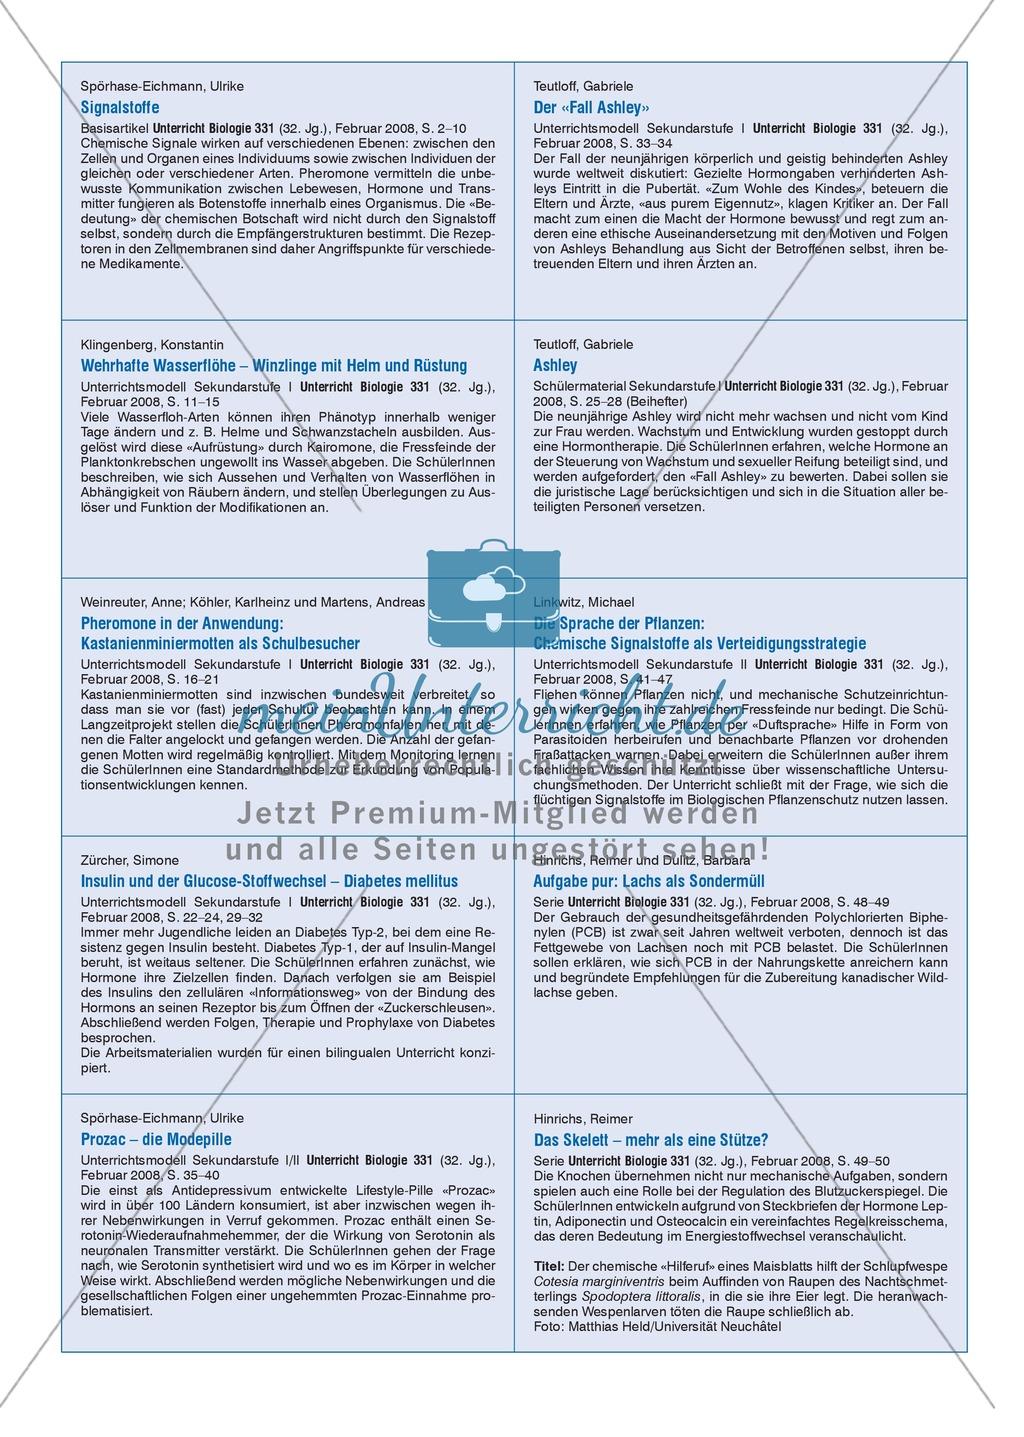 Signalstoffe: Der Fall Ashley - Merkmale und Behandlungsmöglichkeiten von Hormonstörungen Preview 6